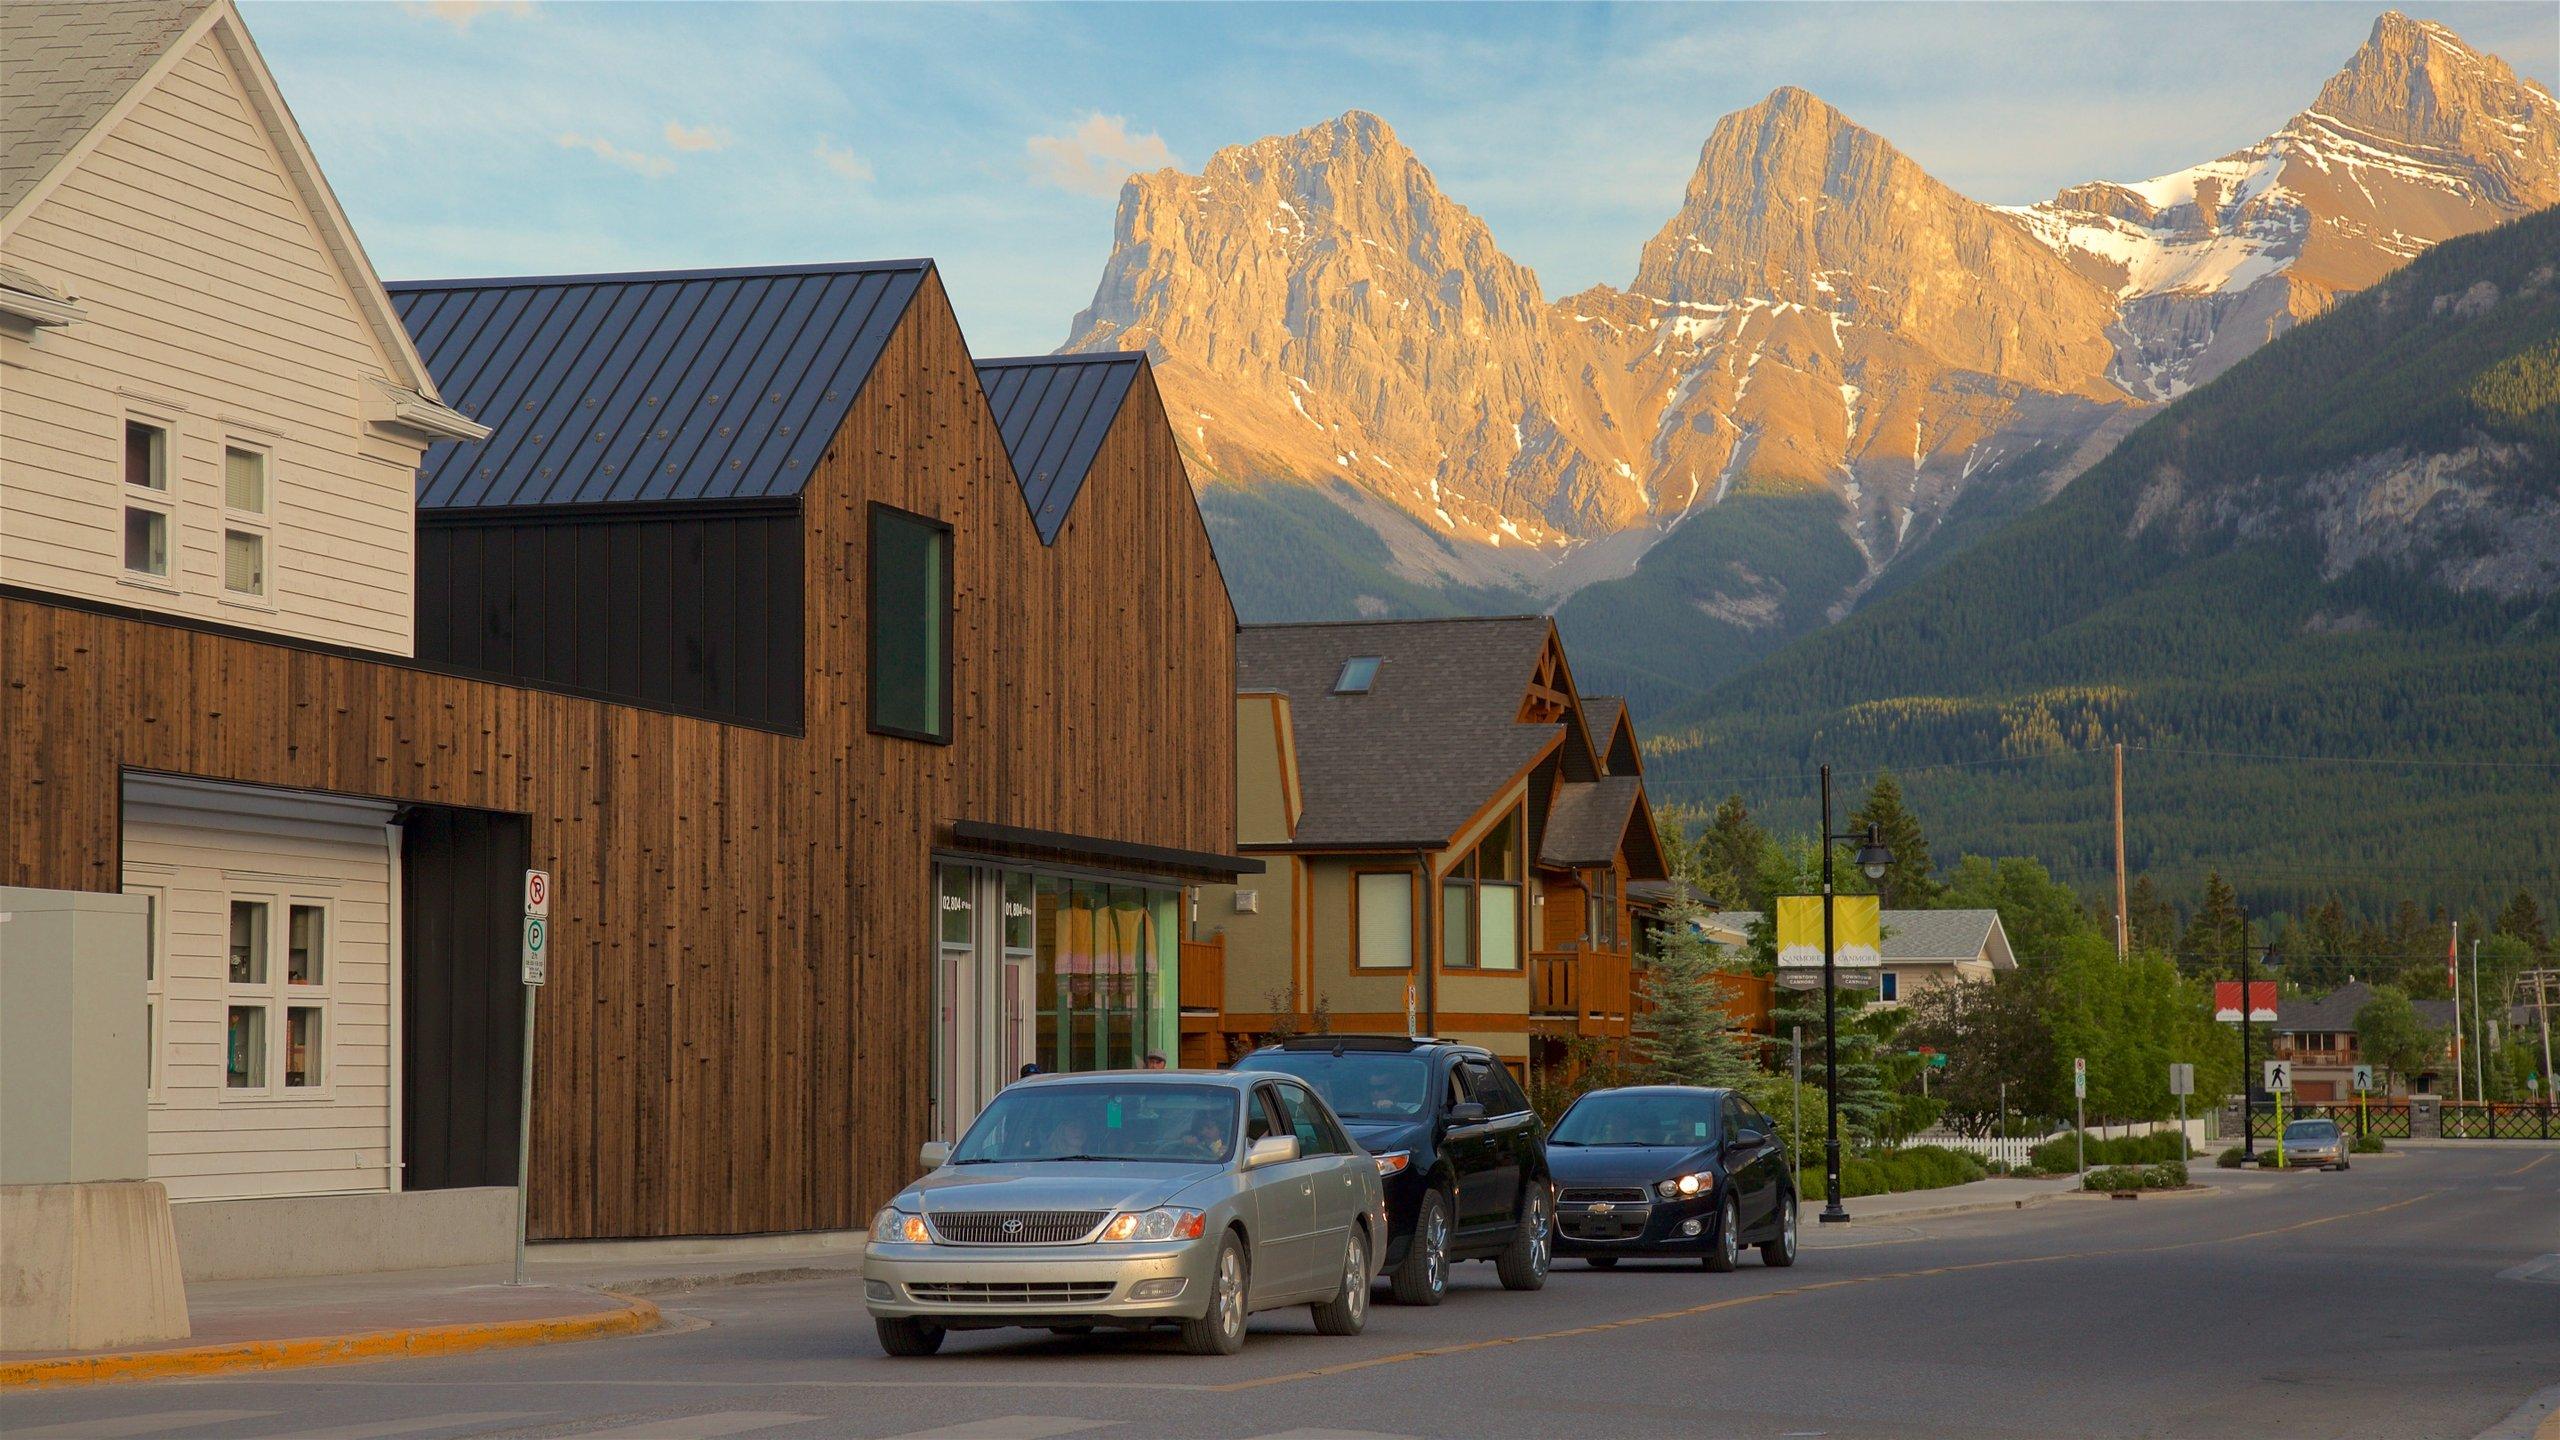 Town Centre, Canmore, Alberta, Canada